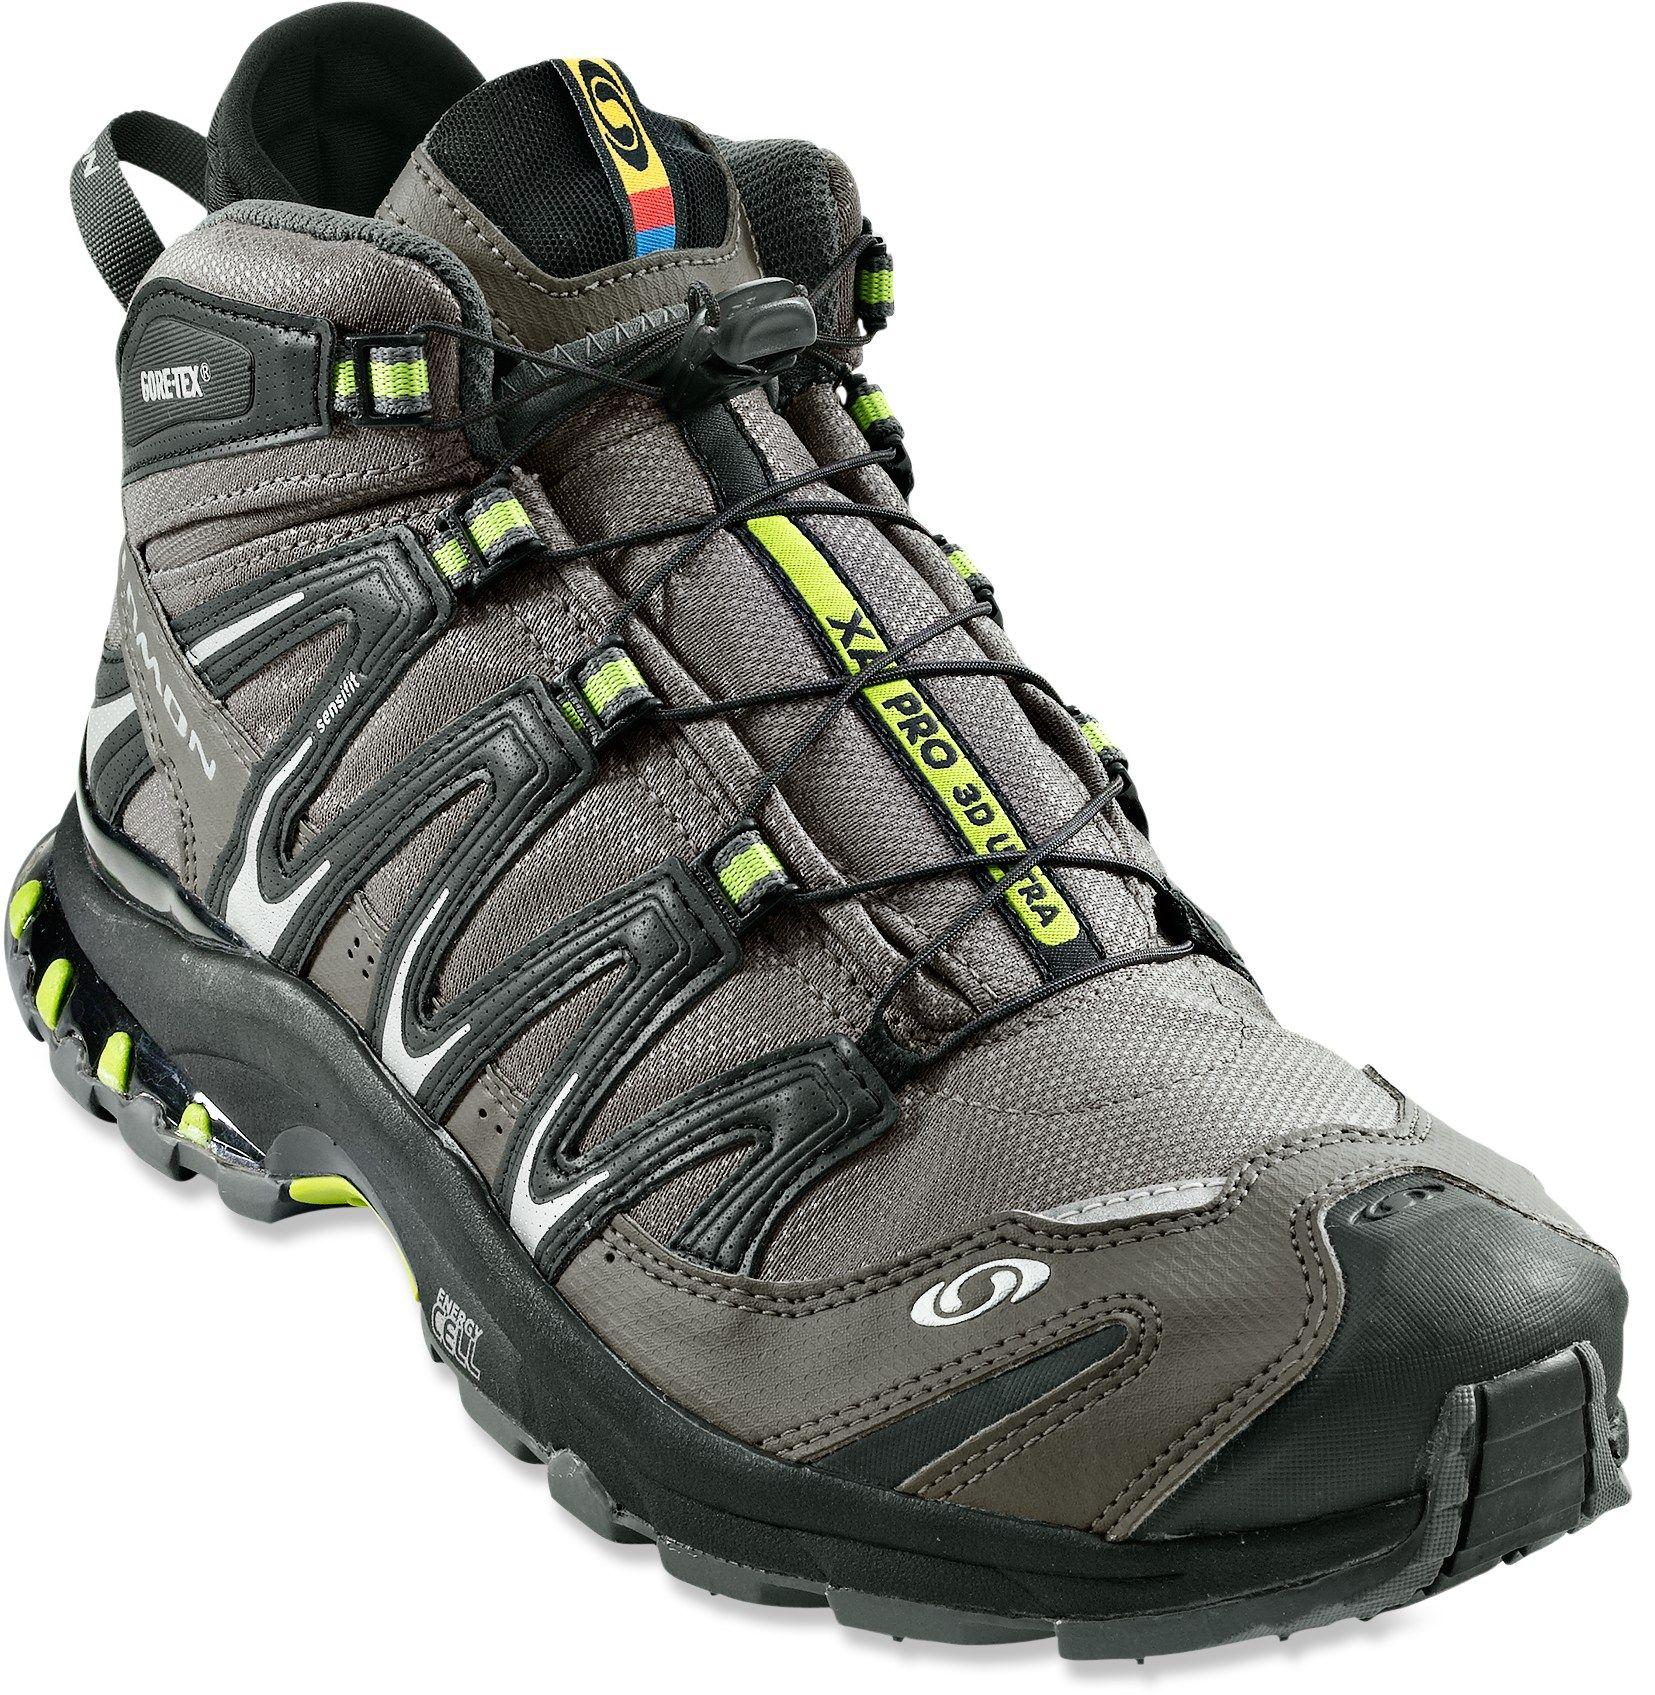 Salomon XA Pro 3D Mid GTX Ultra Hiking Boots Men's | REI